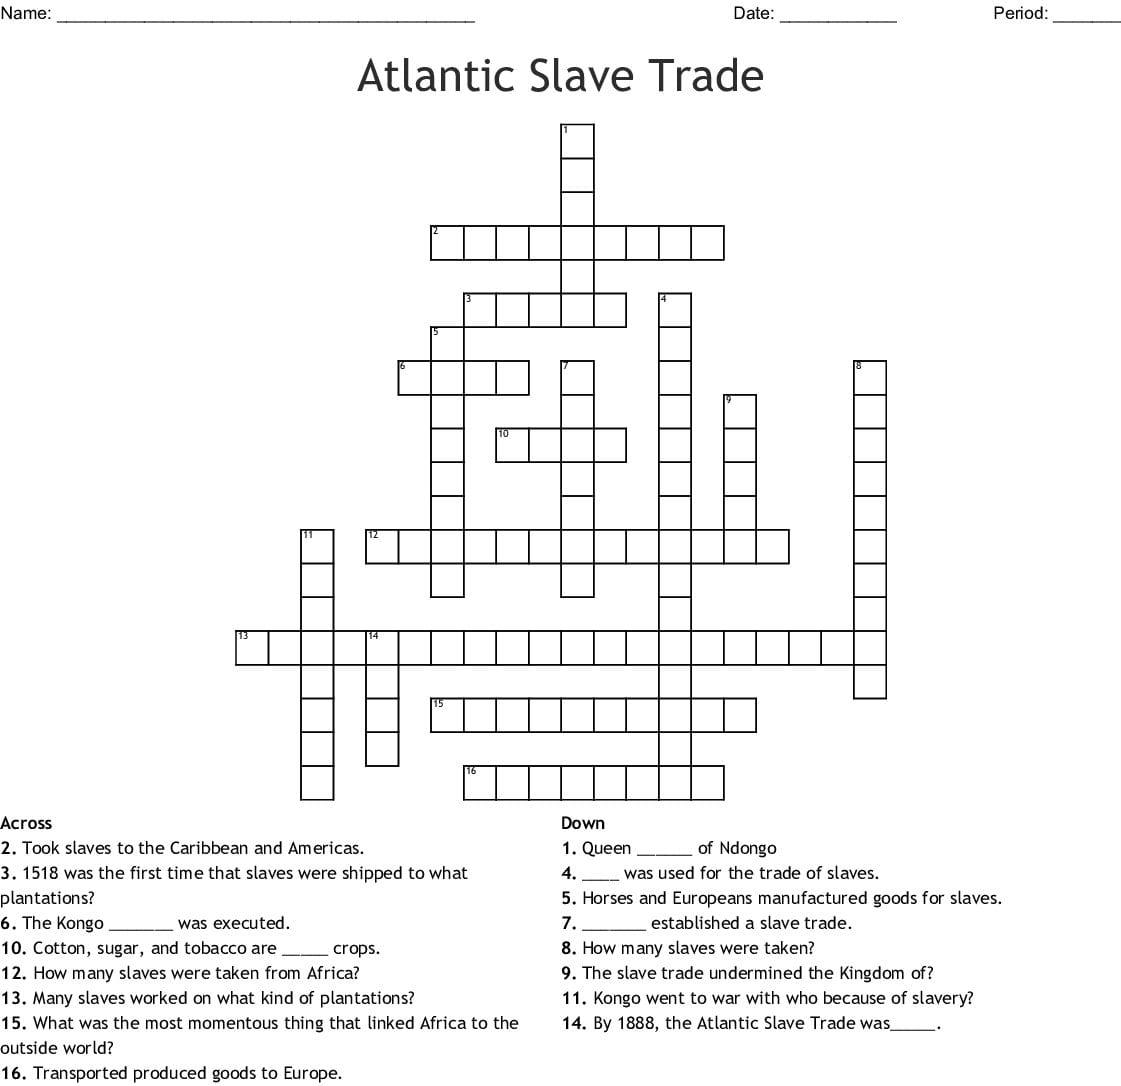 Atlantic Slave Trade Crossword Word